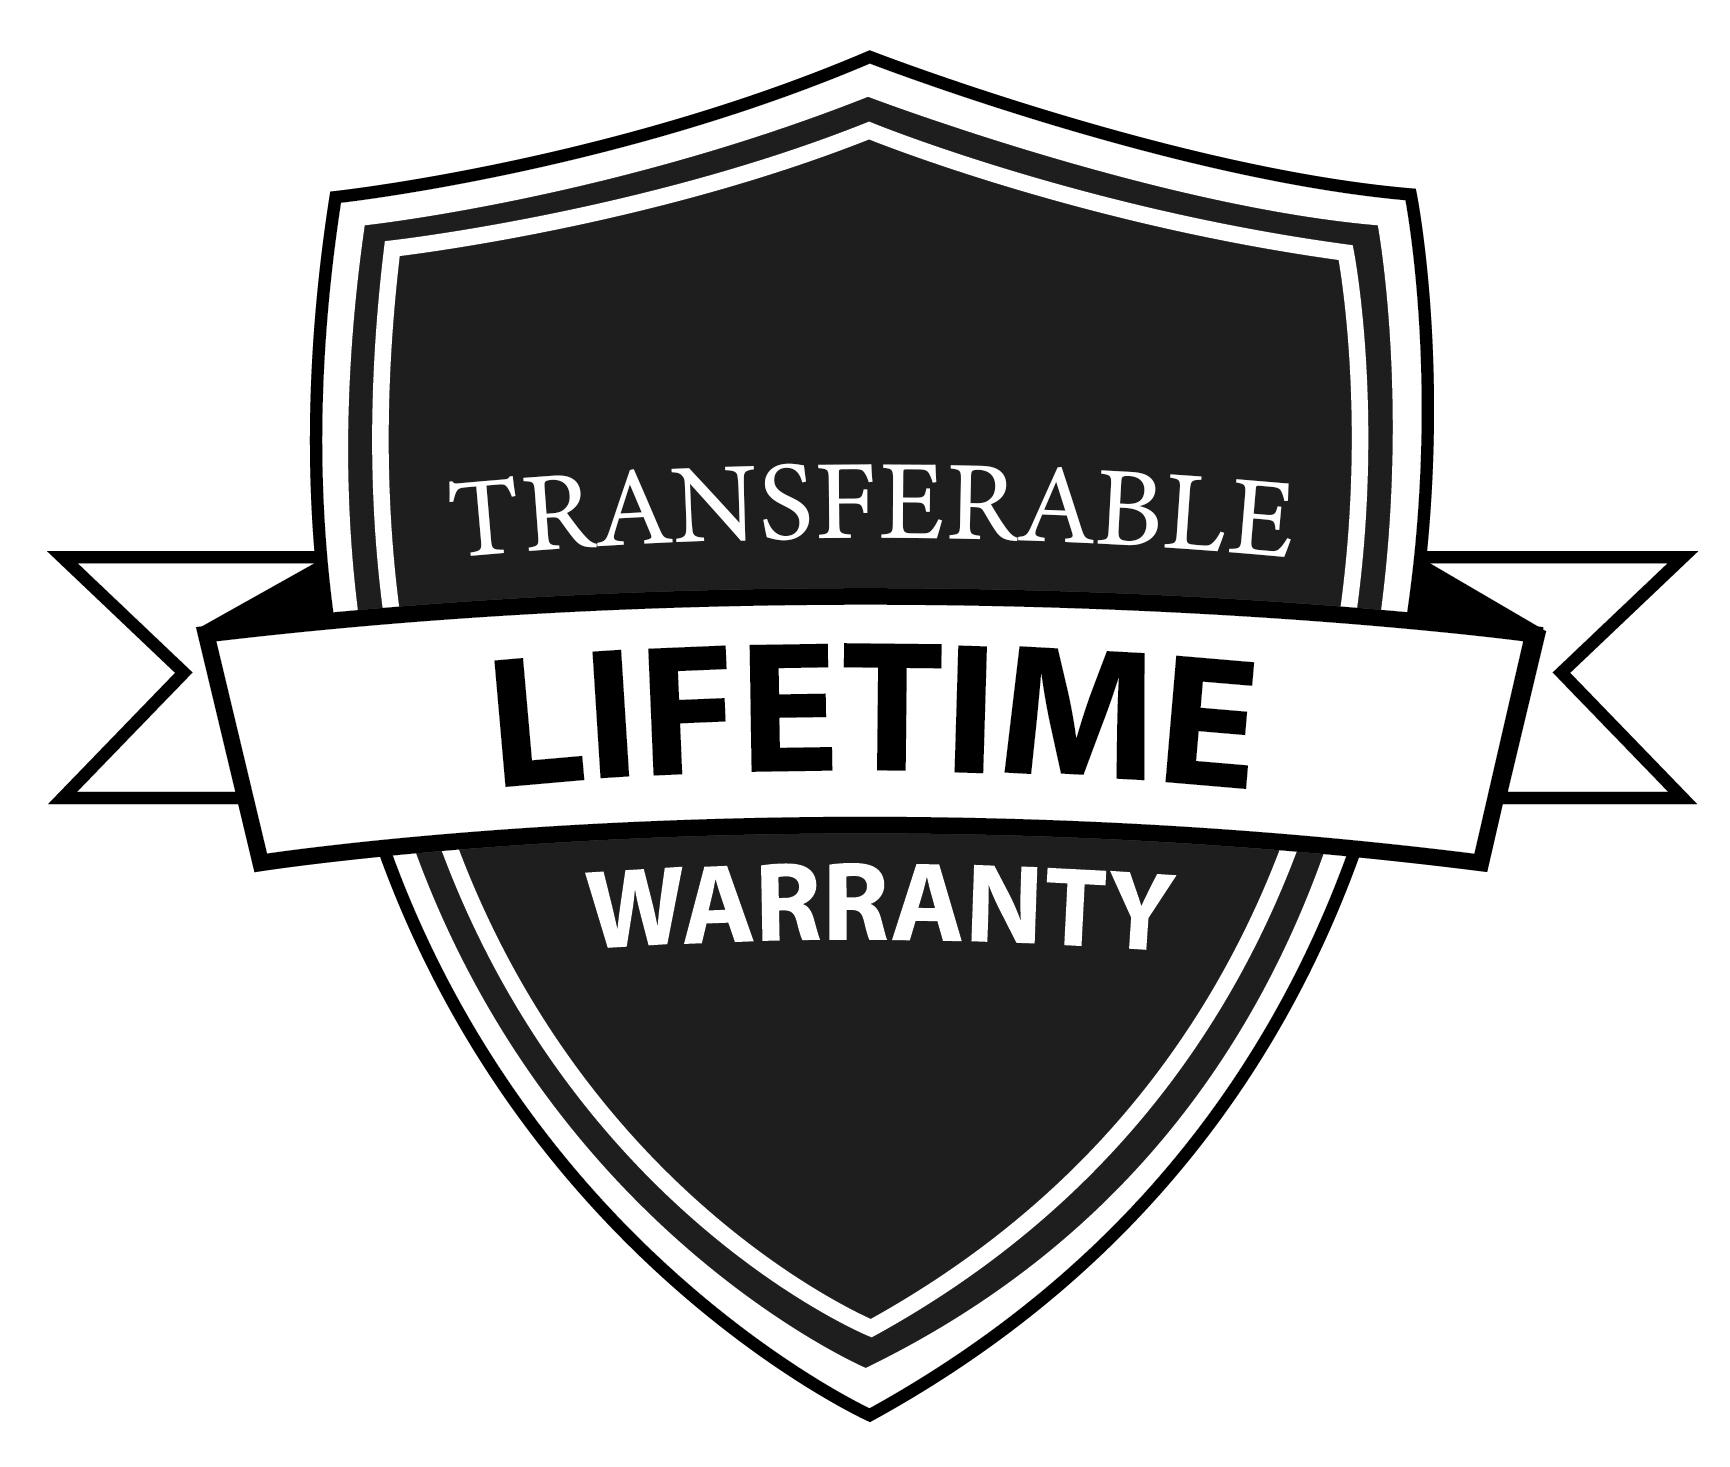 limited-lifetime-warranty-logo.jpg